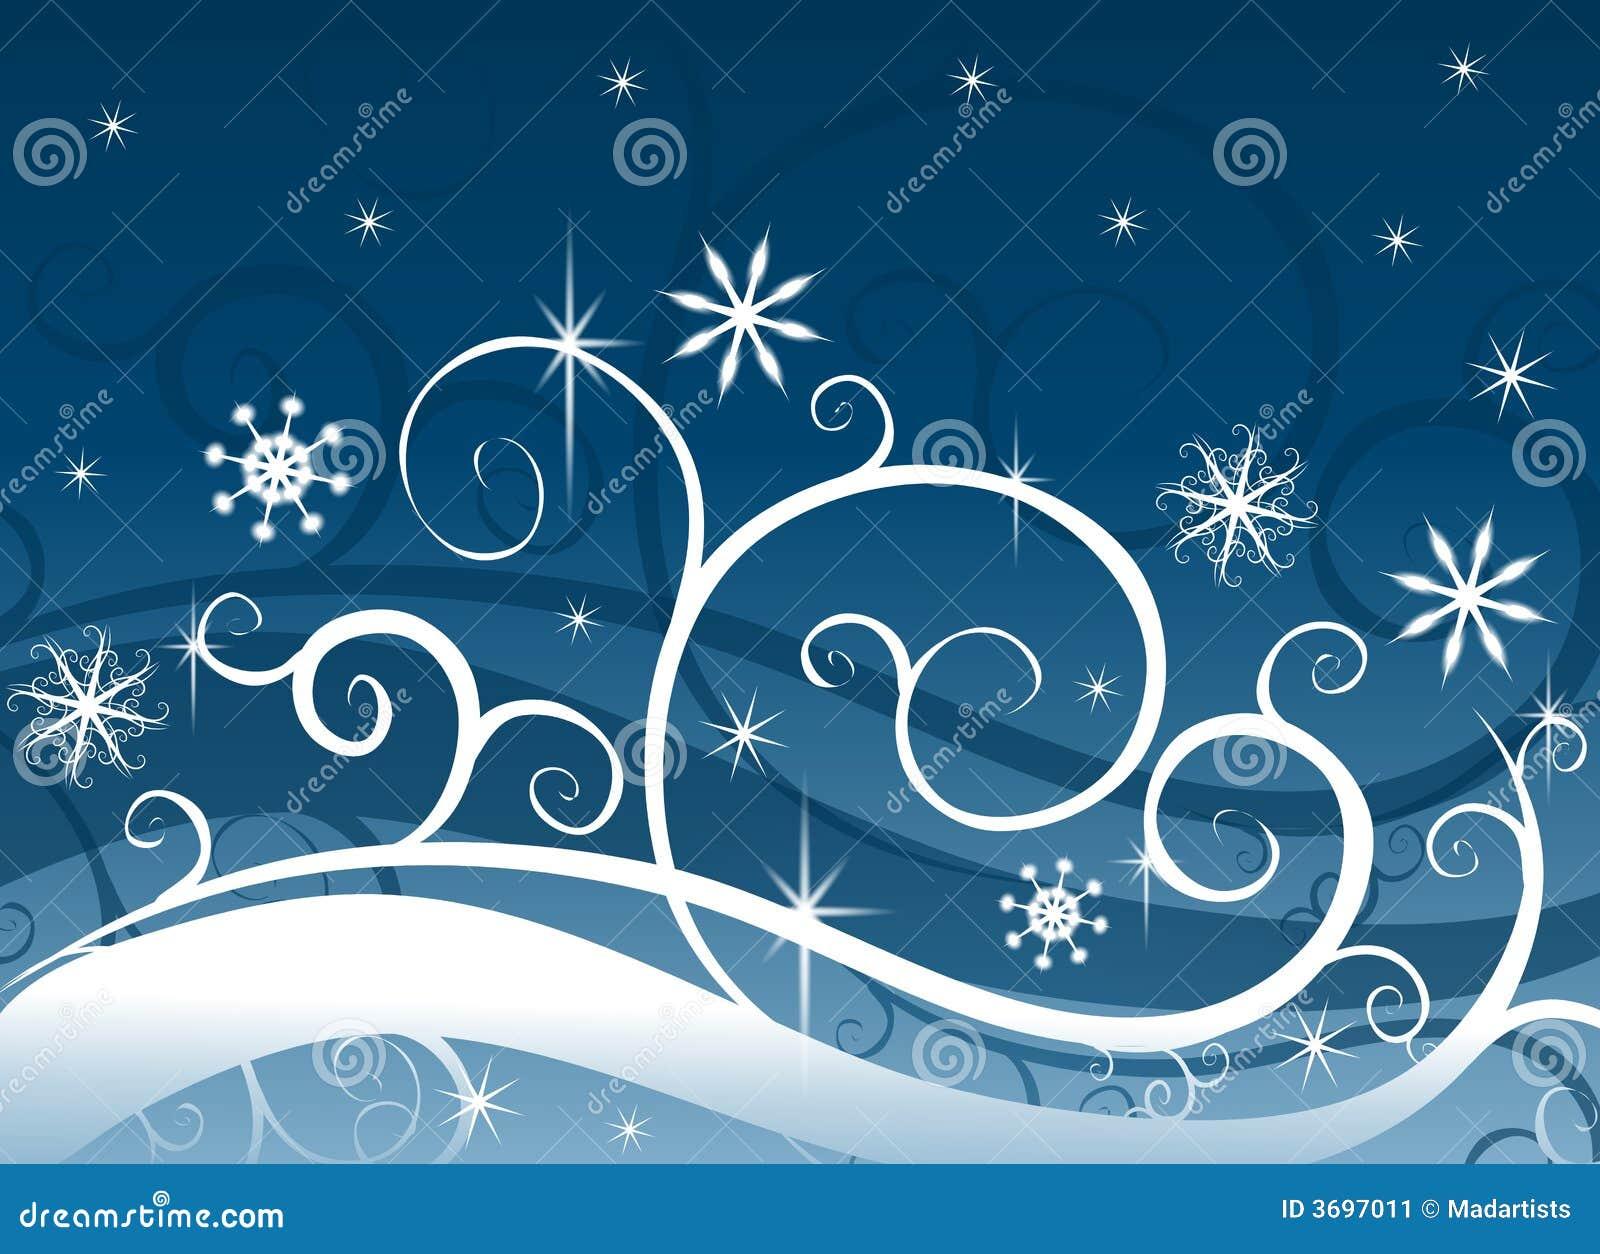 Flocos de neve azuis do país das maravilhas do inverno